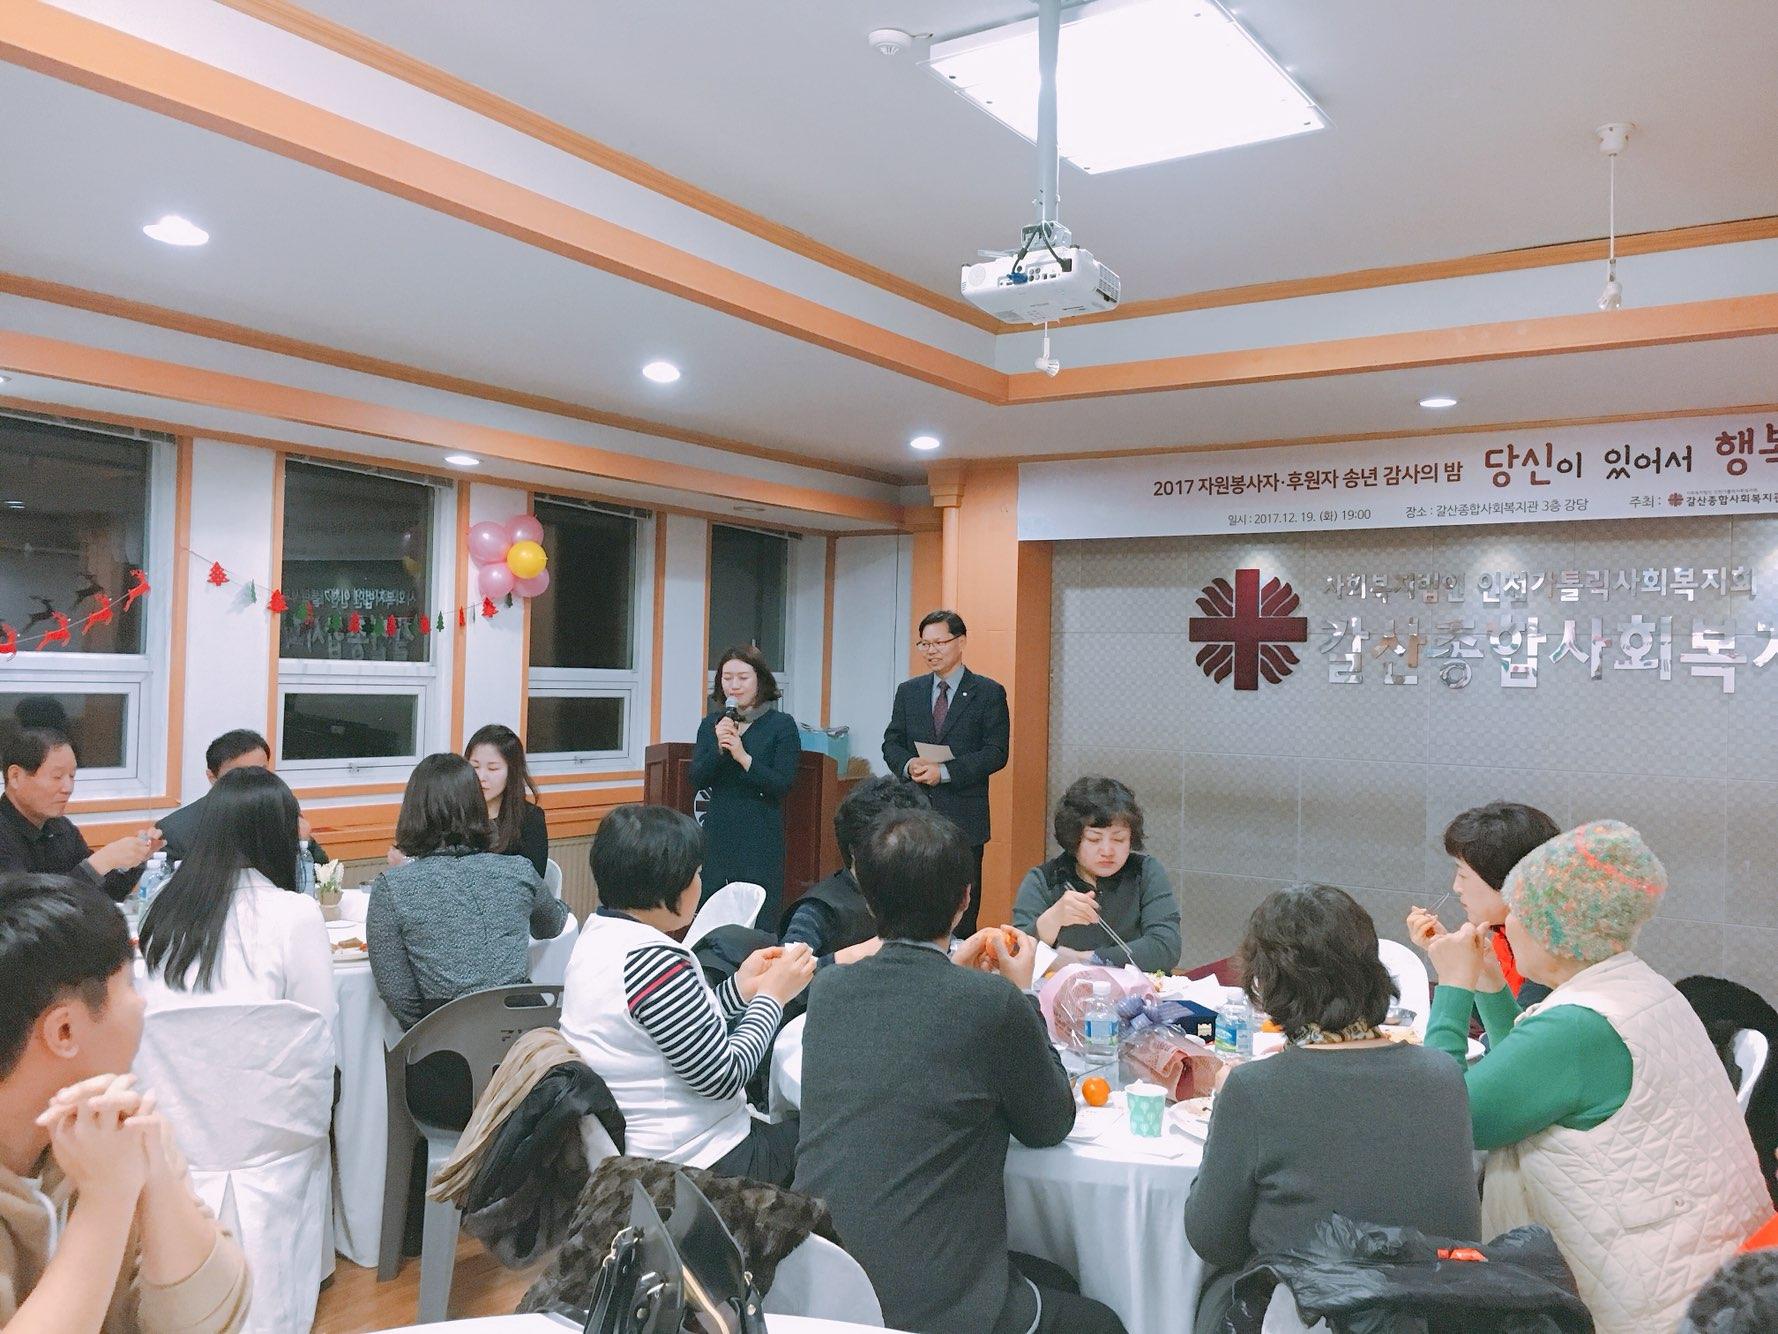 자원봉사자·후원자 송년 감사의 …